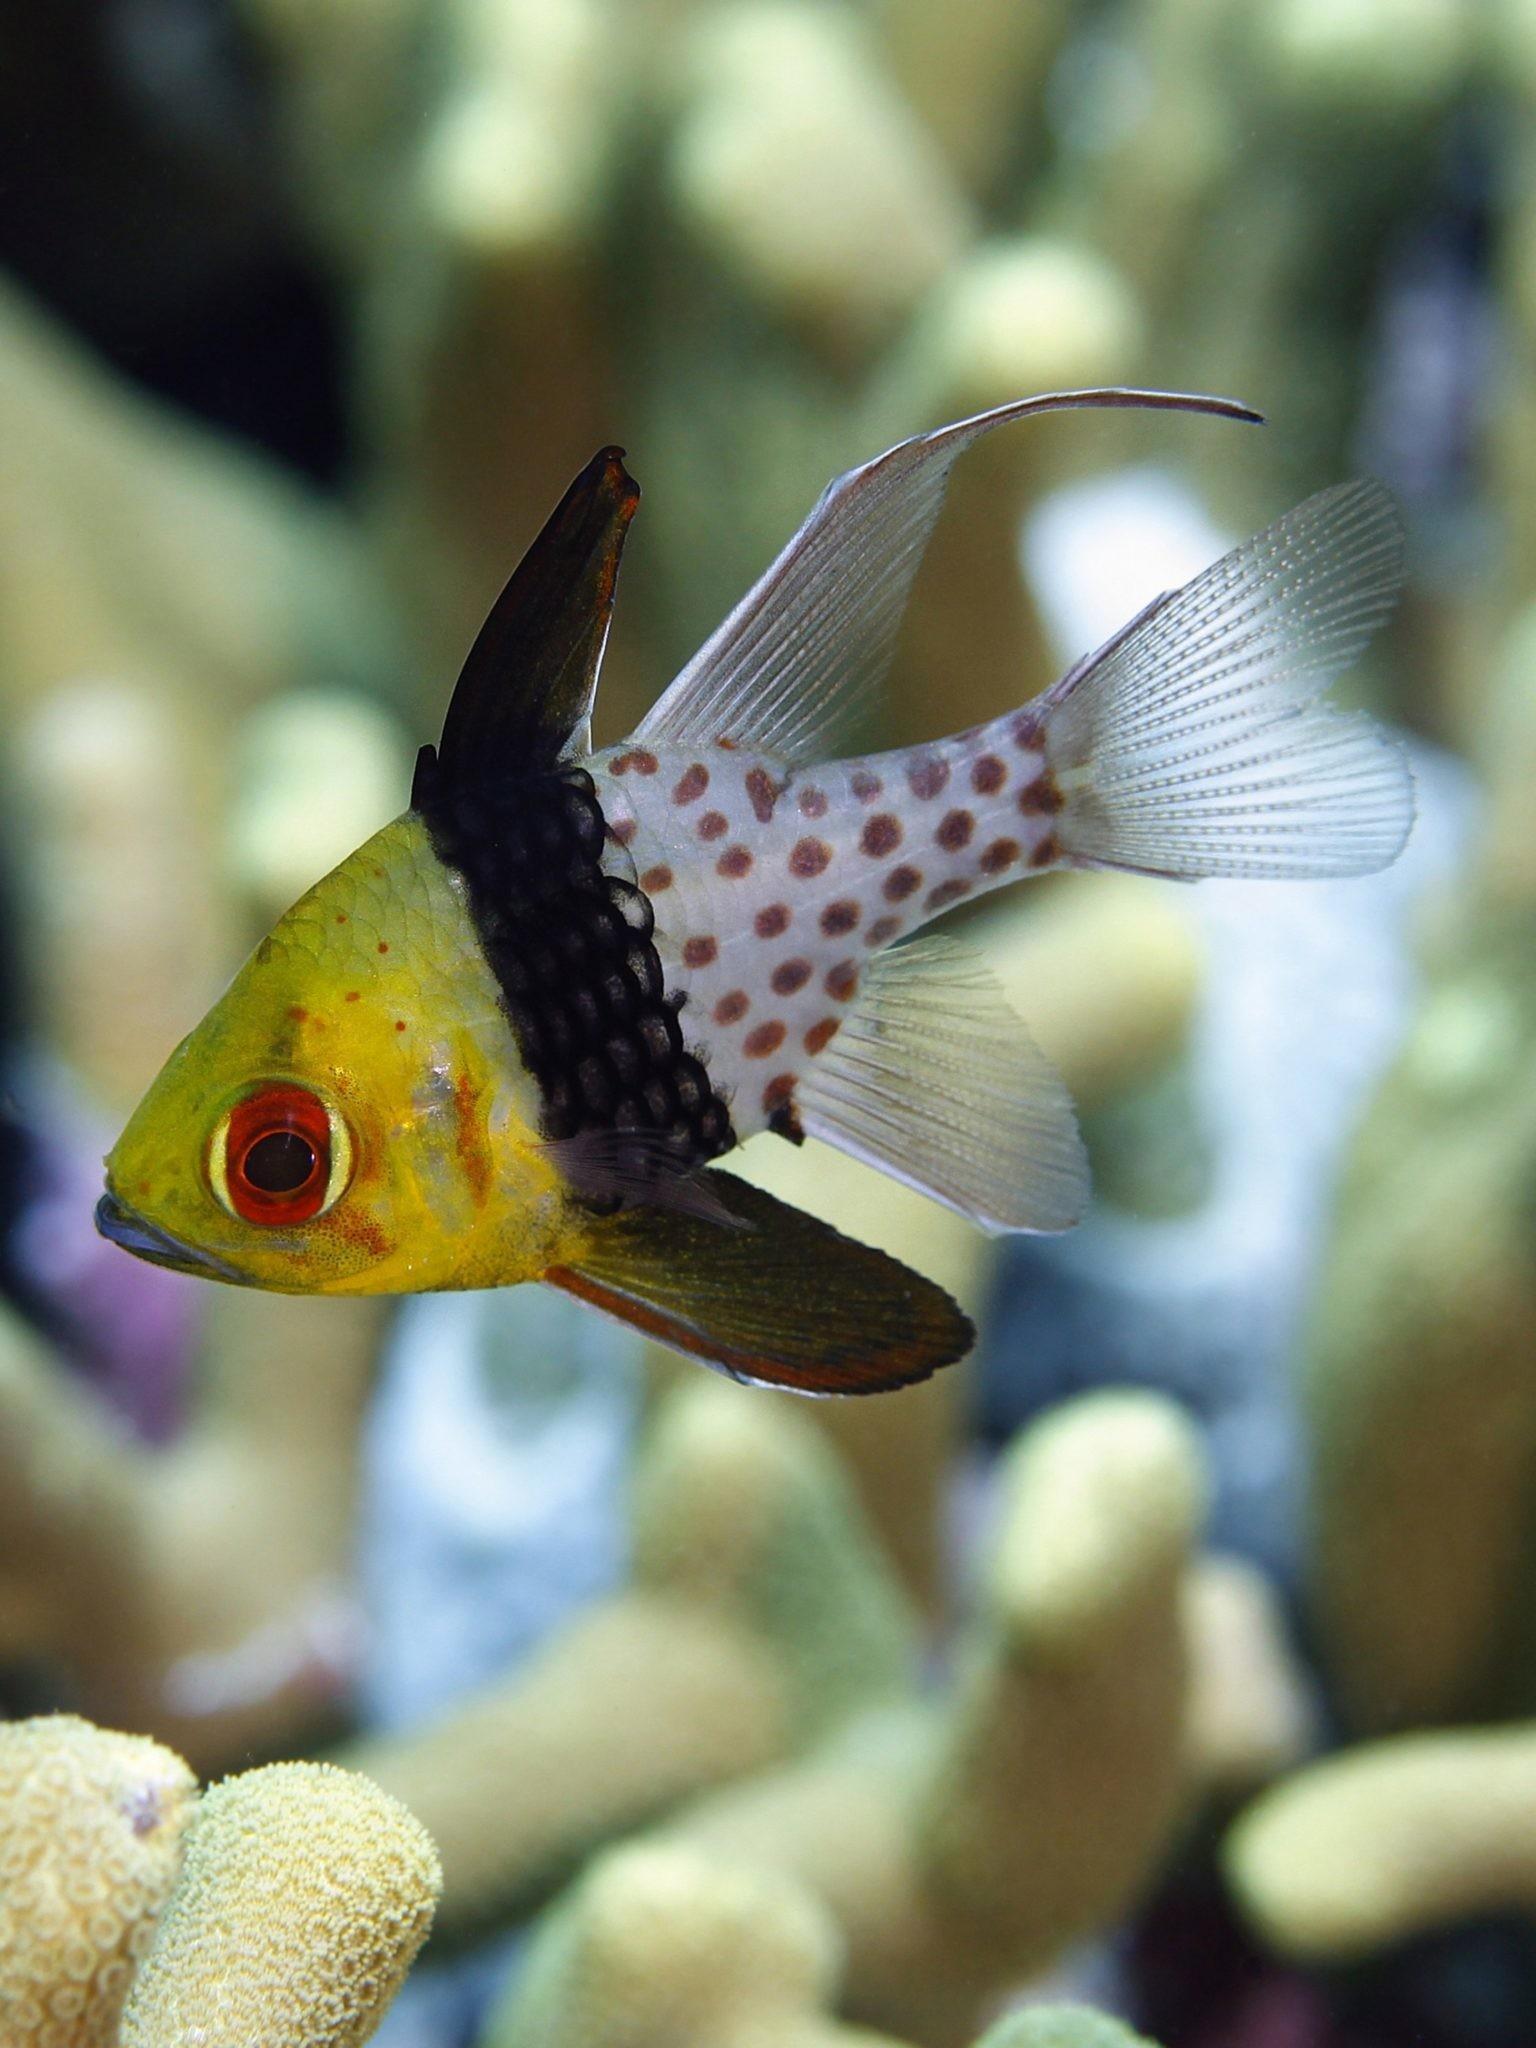 Fresh Water Fish Wallpaper - Coral Reef Fish - HD Wallpaper